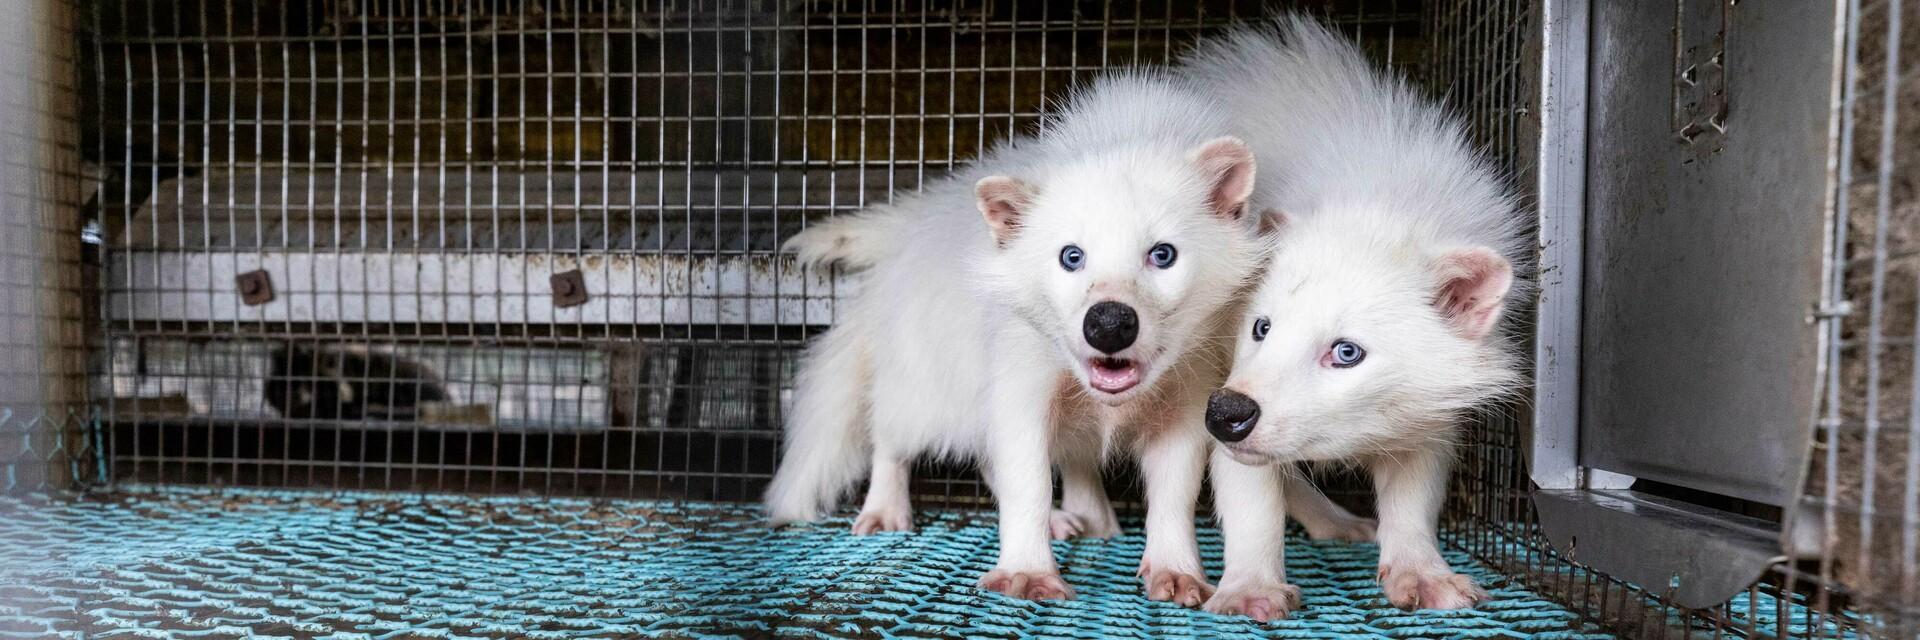 Maderhunde im Käfig